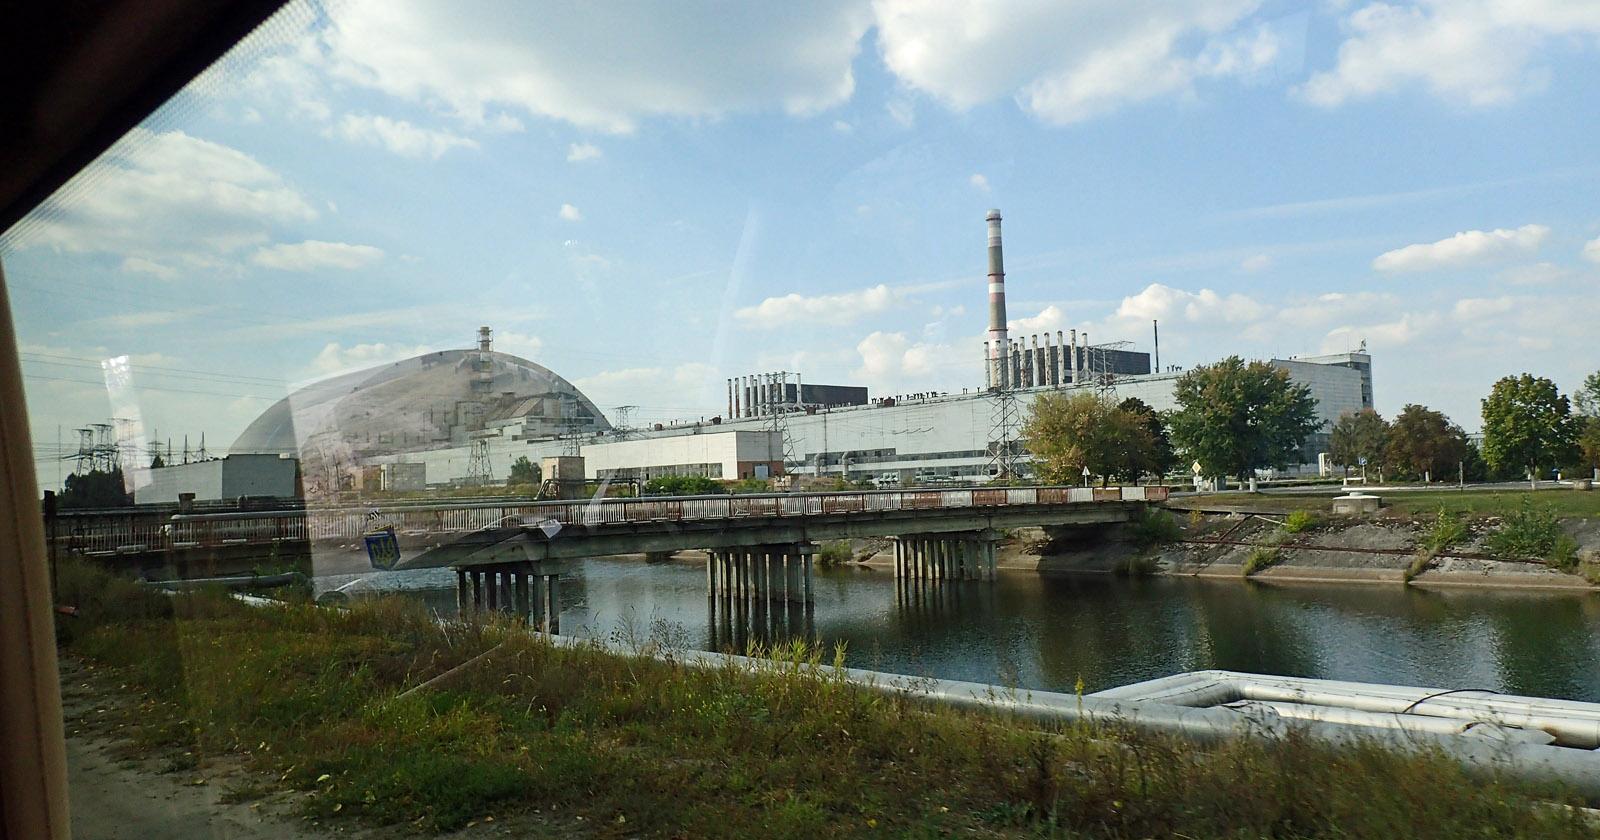 AKW Tschernobyl